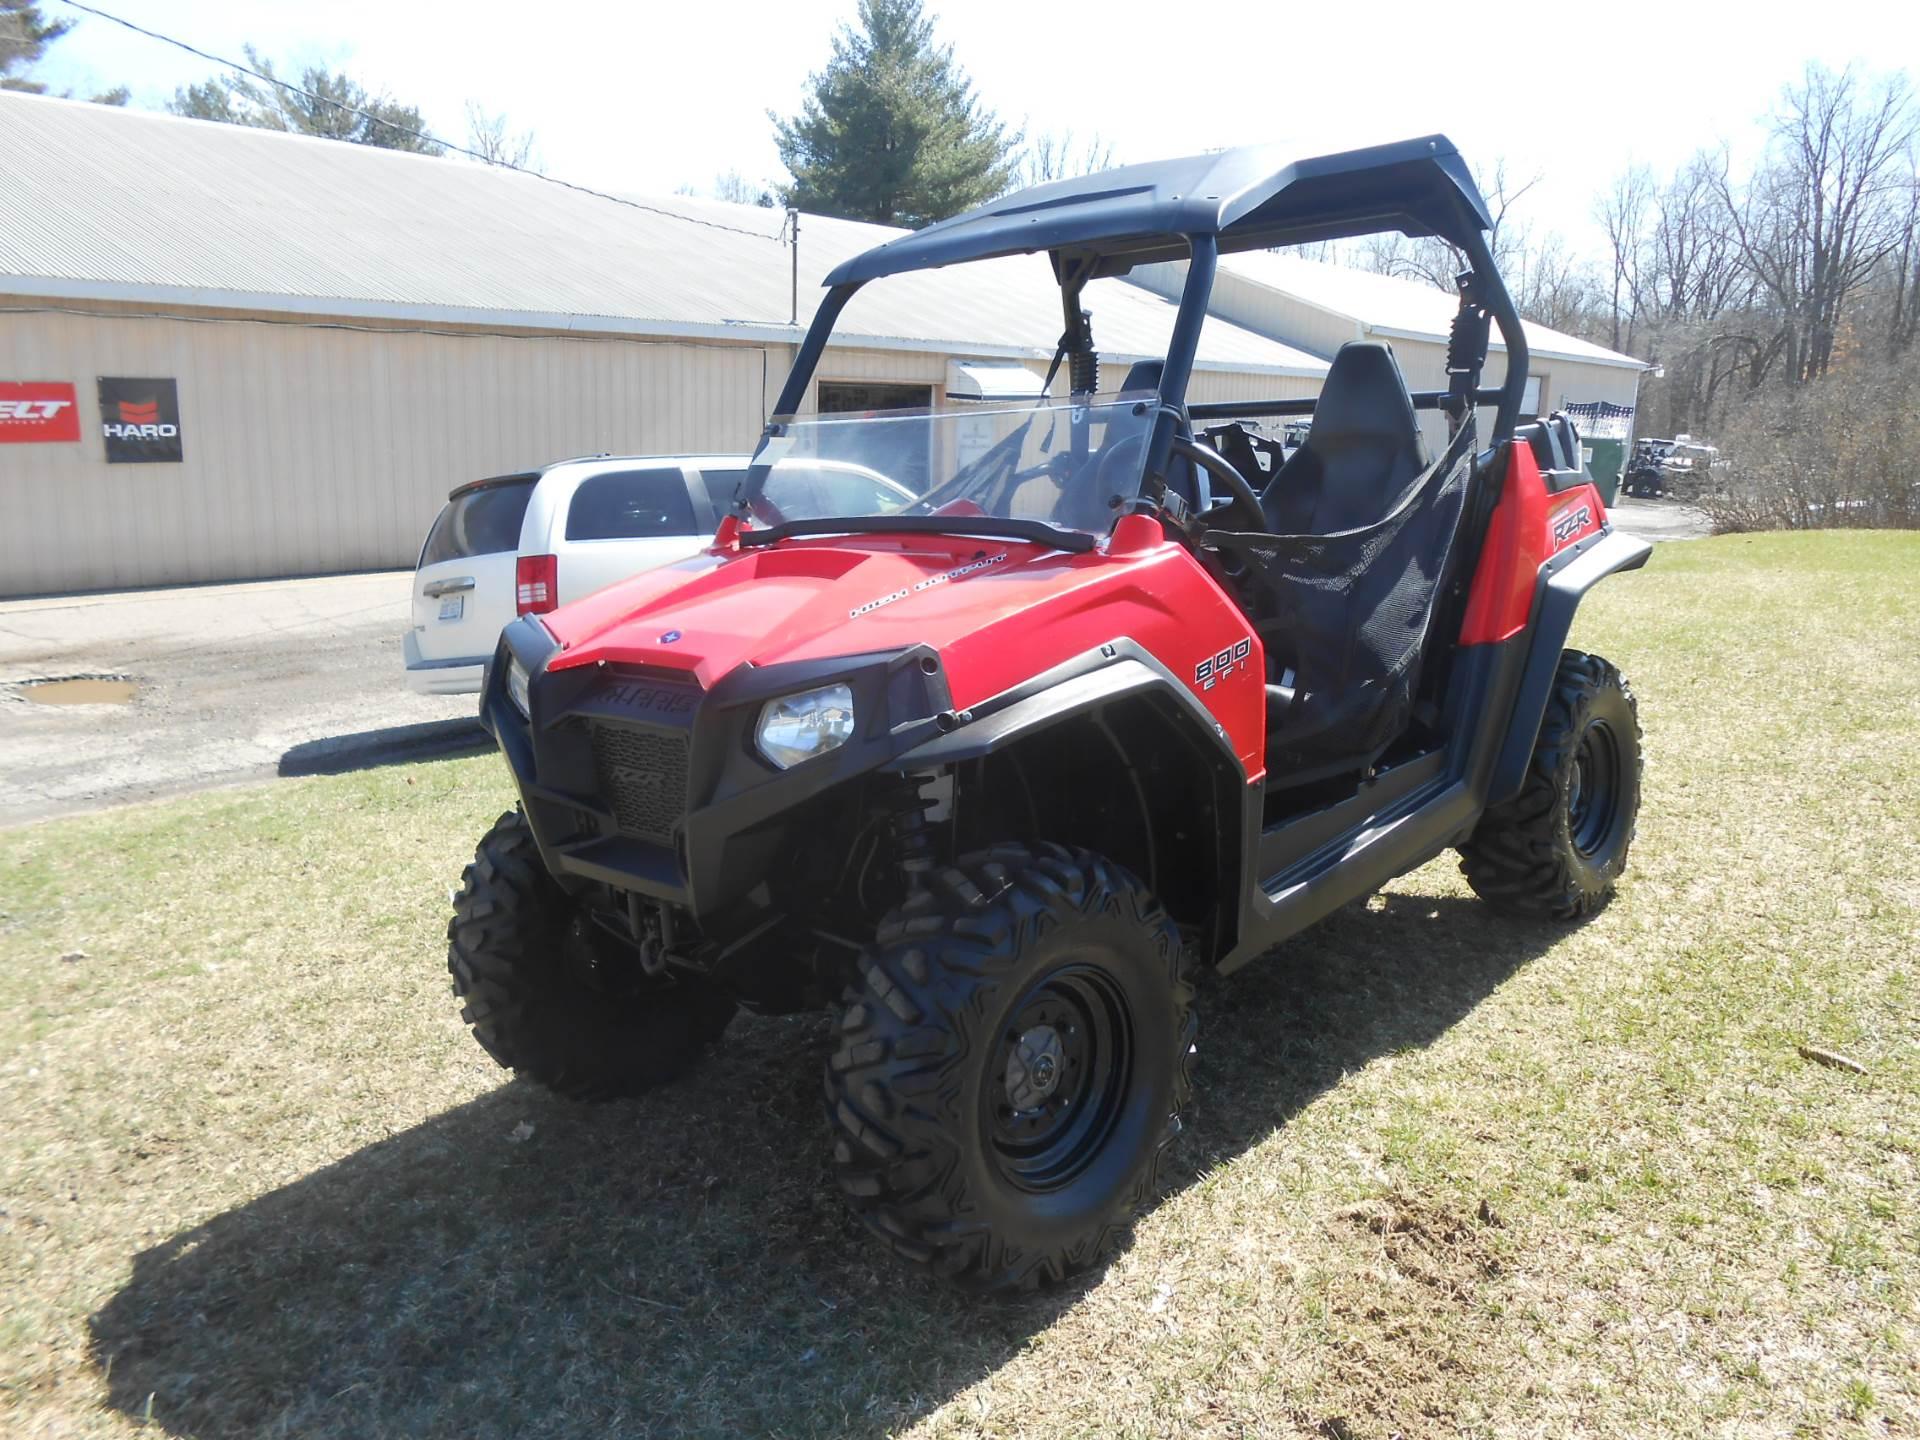 2011 Ranger RZR 800